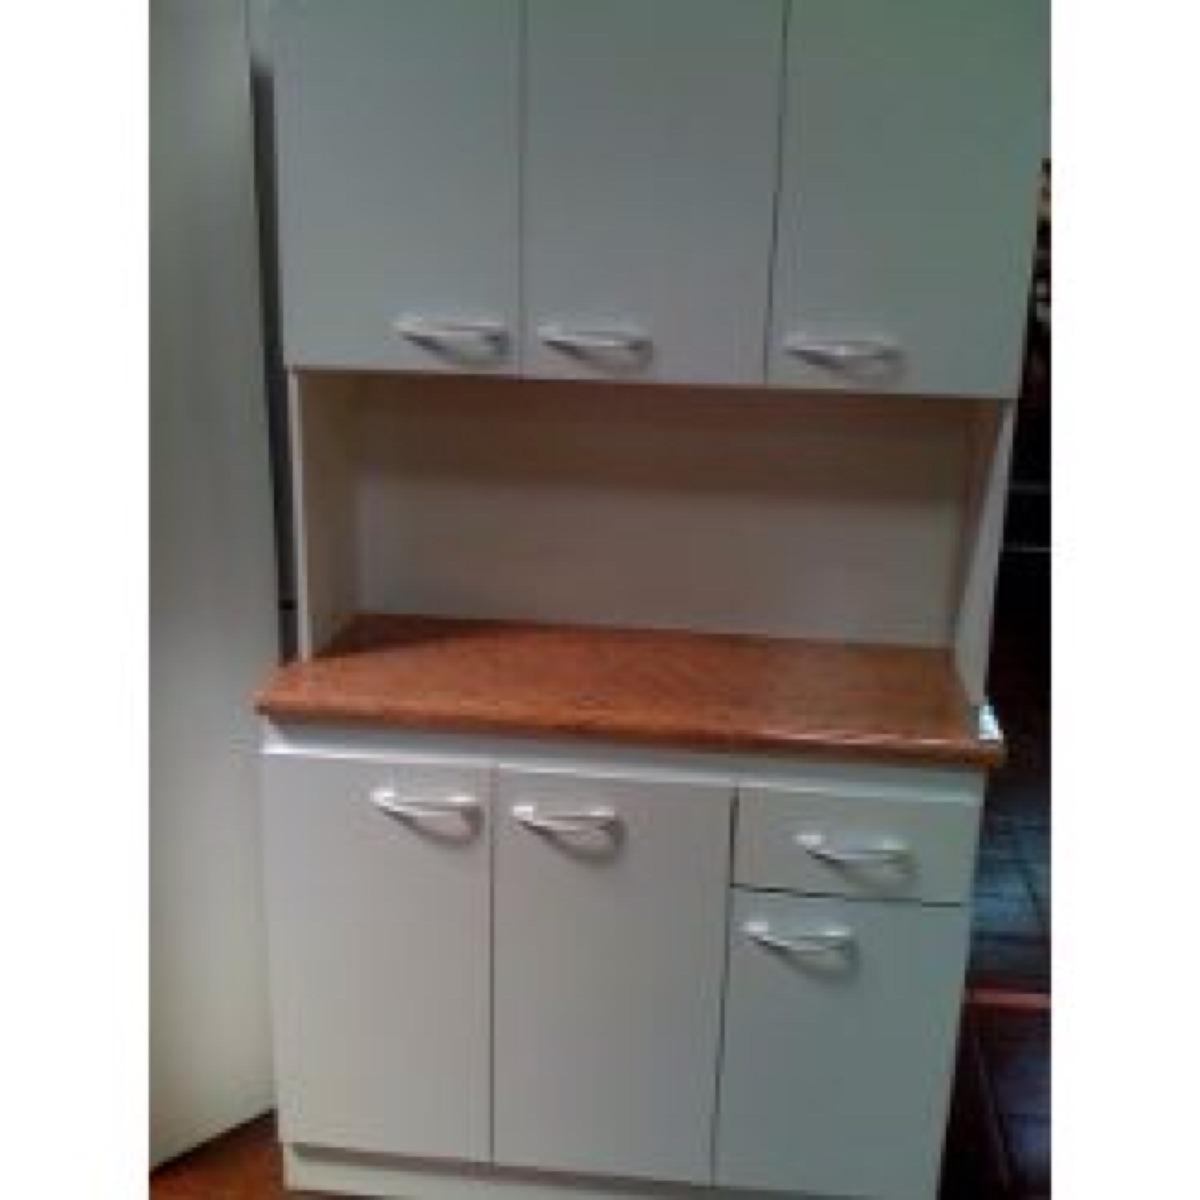 Mueble cocina compacto en mercado libre for Muebles para despensa cocina